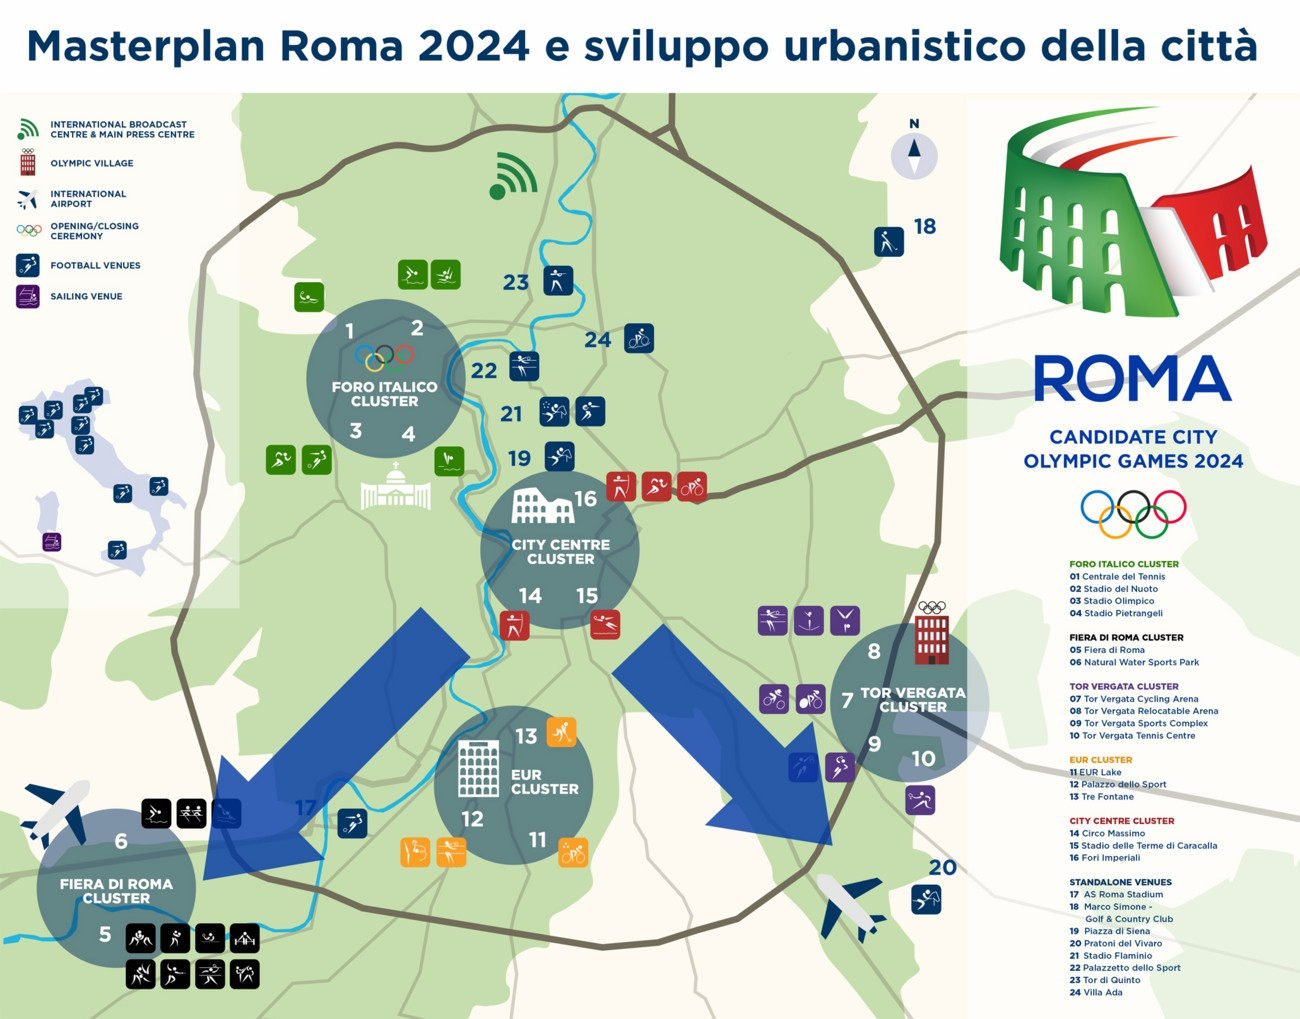 Rome 2024 Masterplan. Image via Federazione Italiana Canottaggio